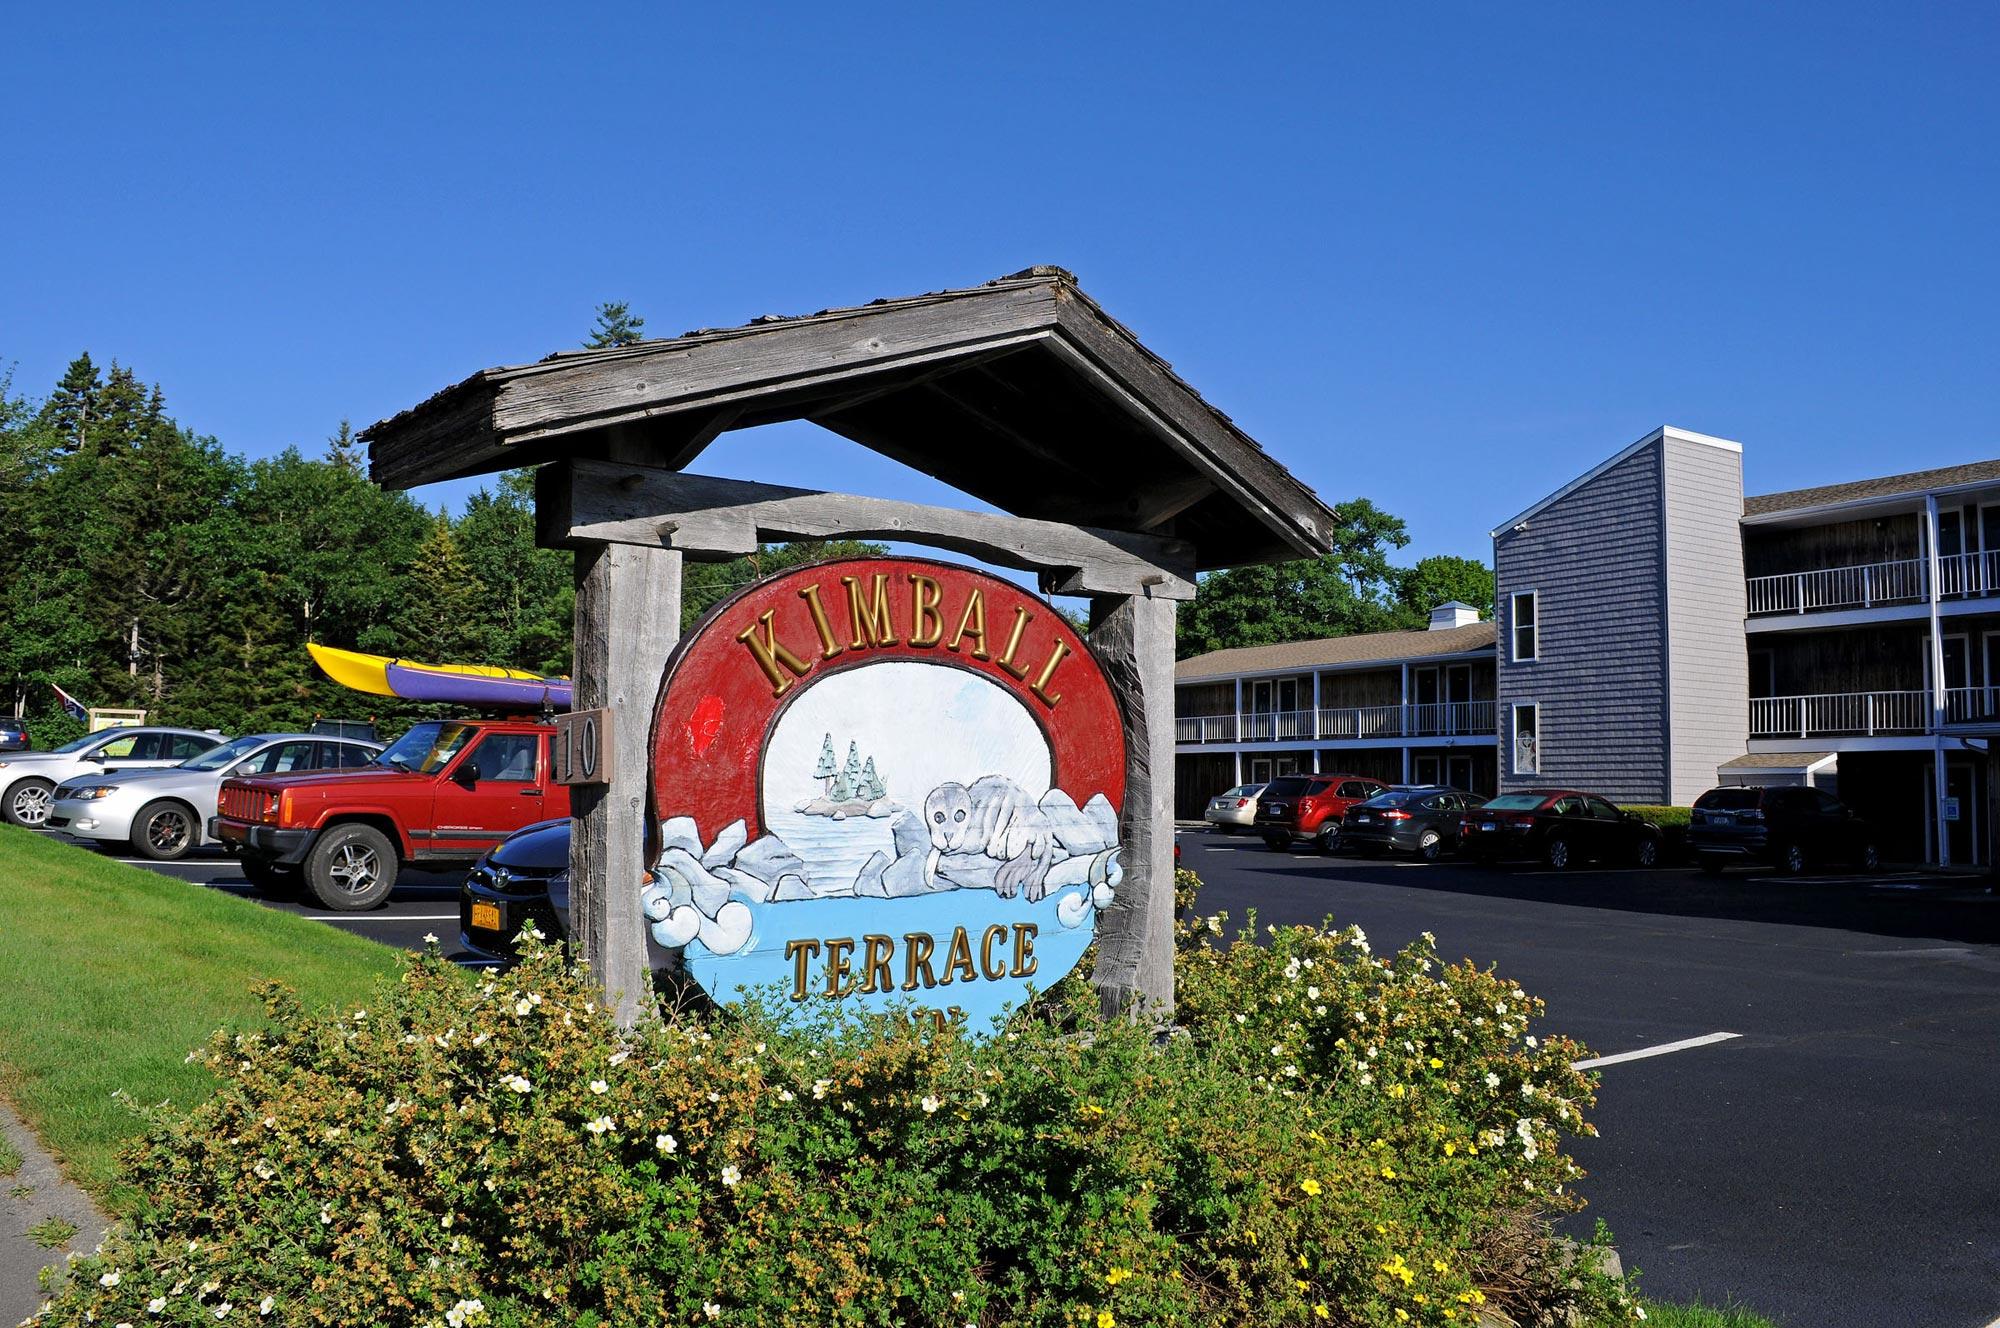 Kimball Terrace Inn sign, exterior view of inn